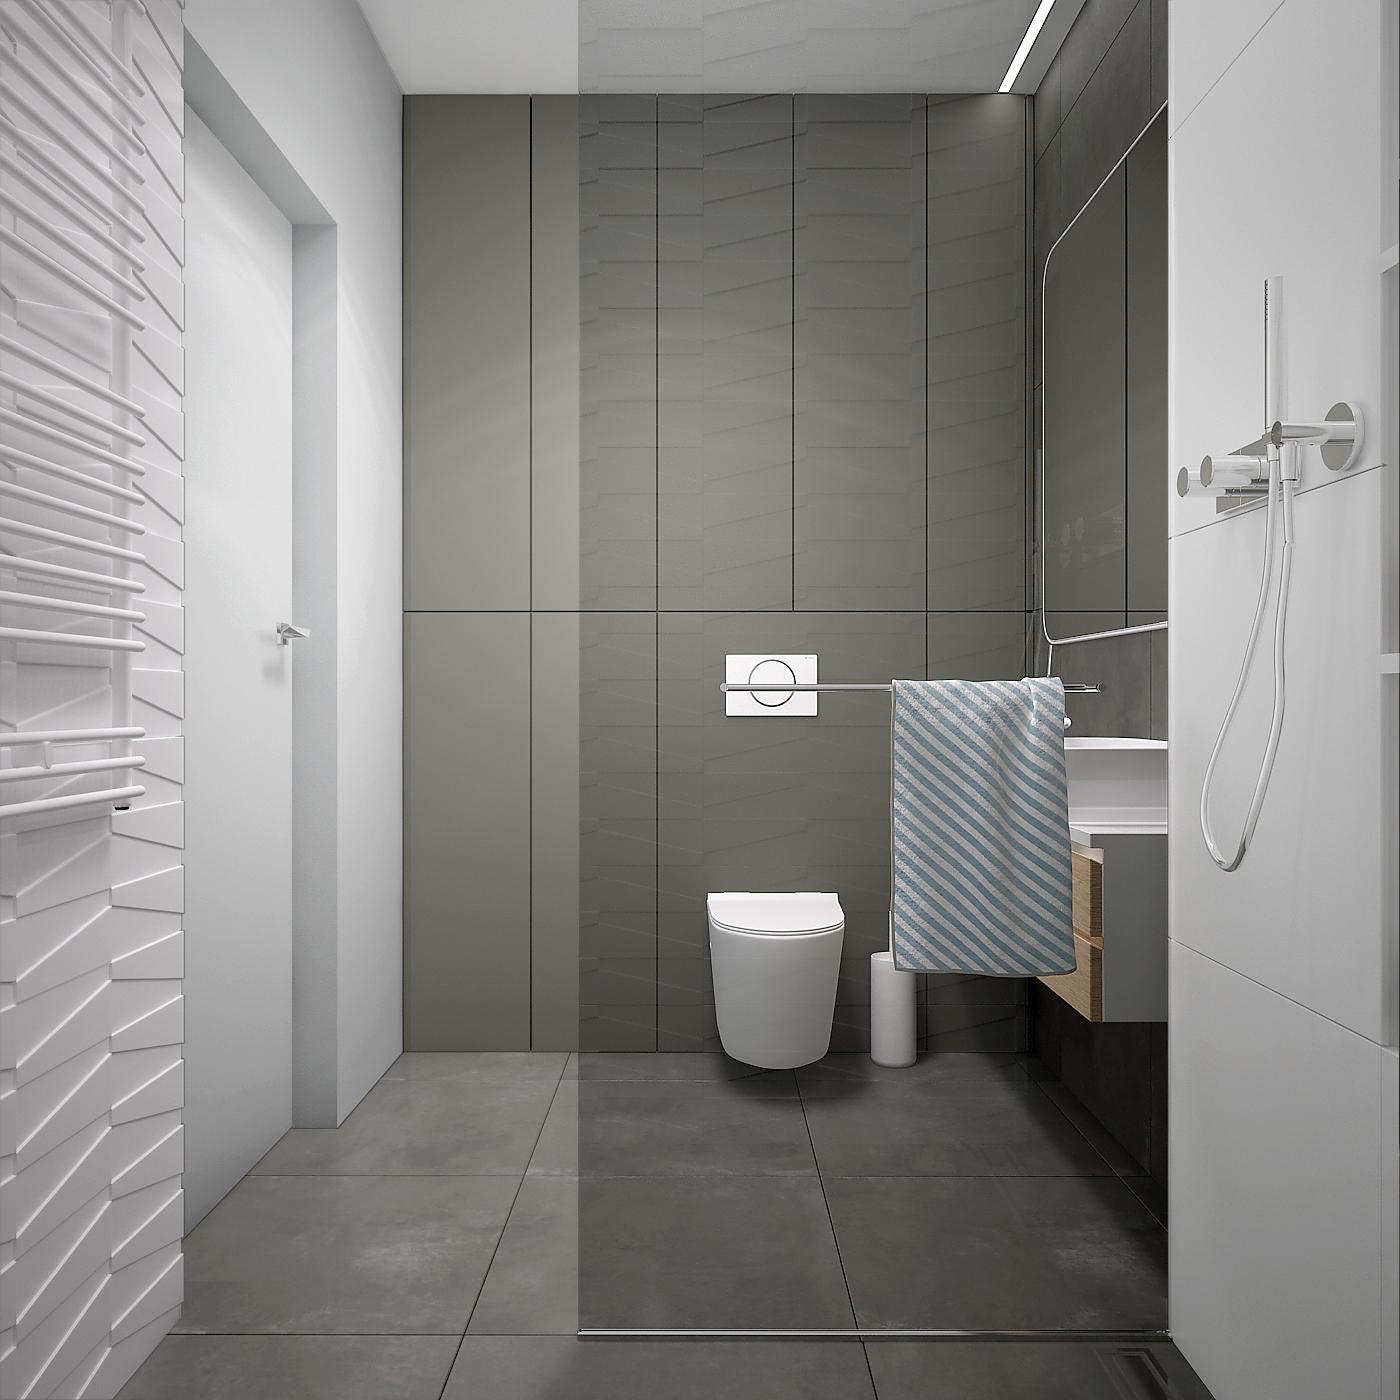 26 projekt wnetrza 537 mieszkanie krakow lazienka kabina prysznicowa walkin prysznic z deszczewnica plytki 3d szara podloga